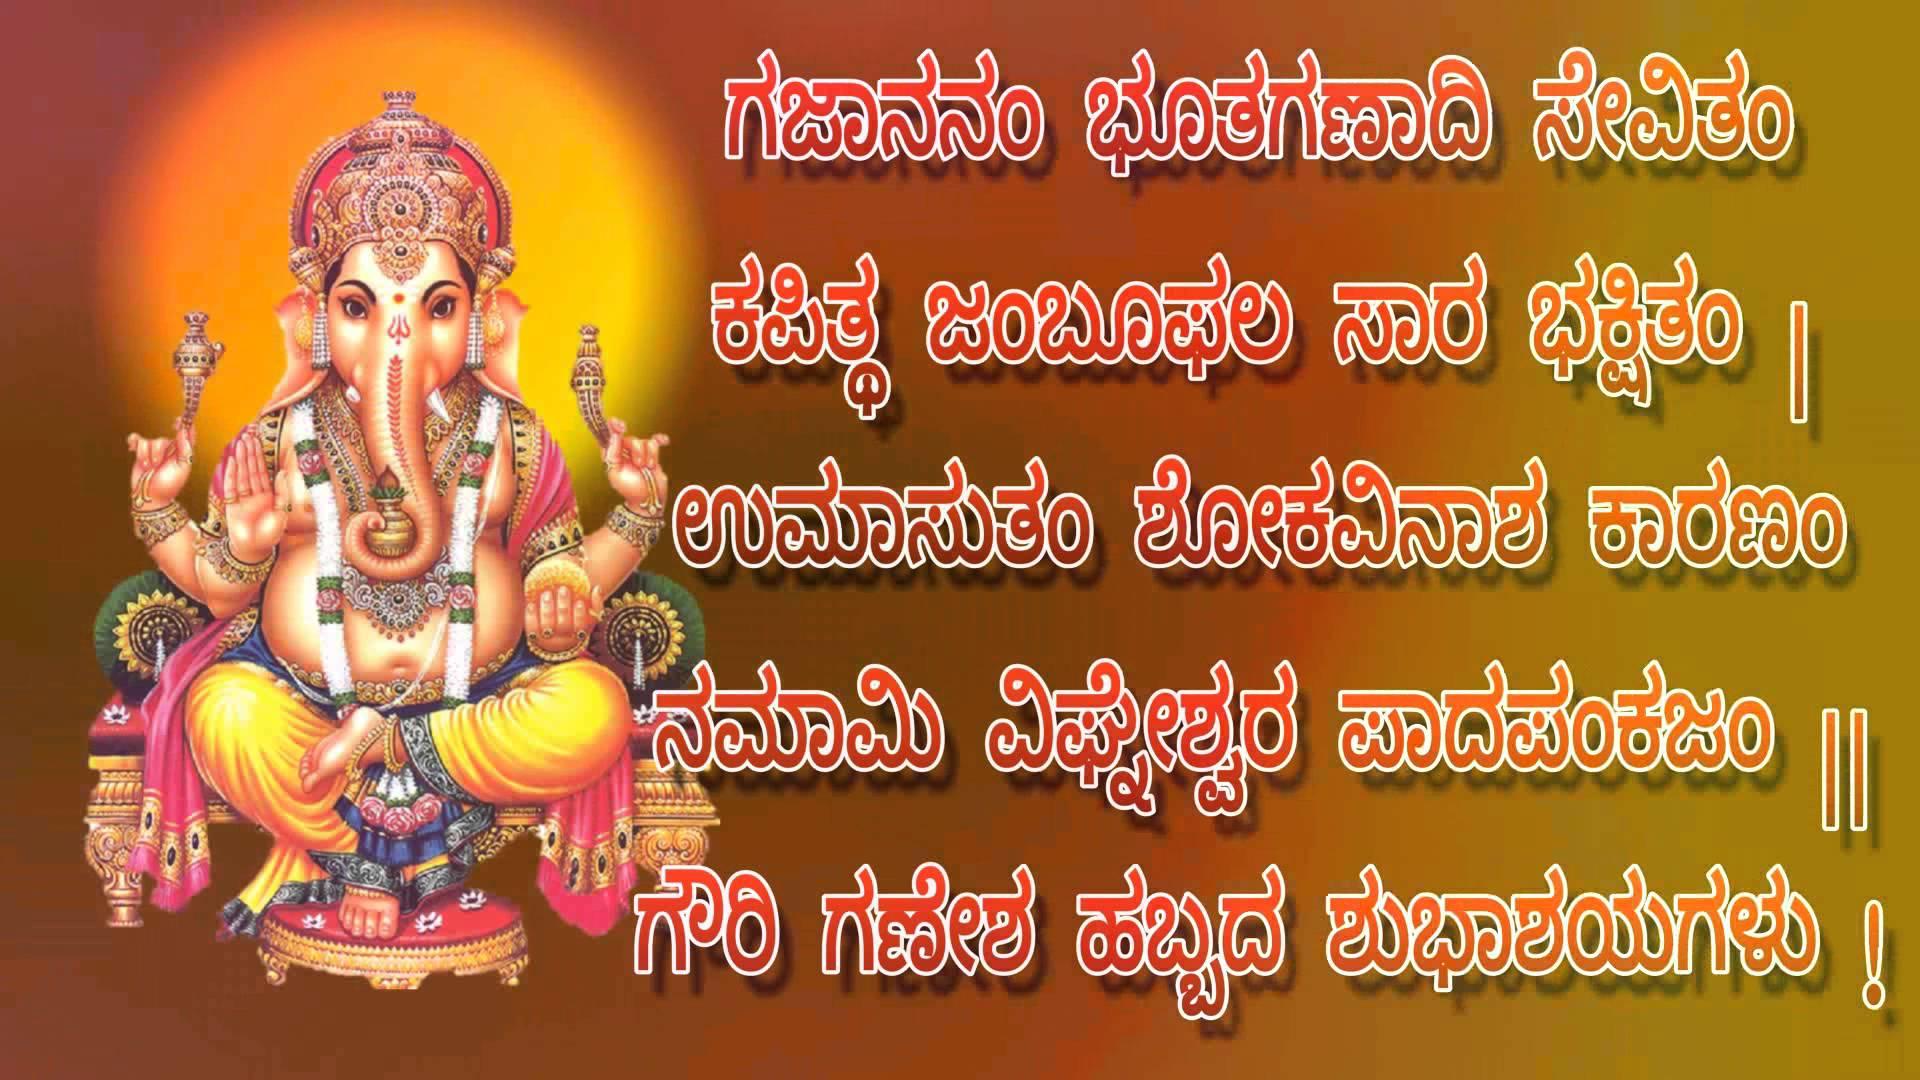 Ganesha Chaturthi